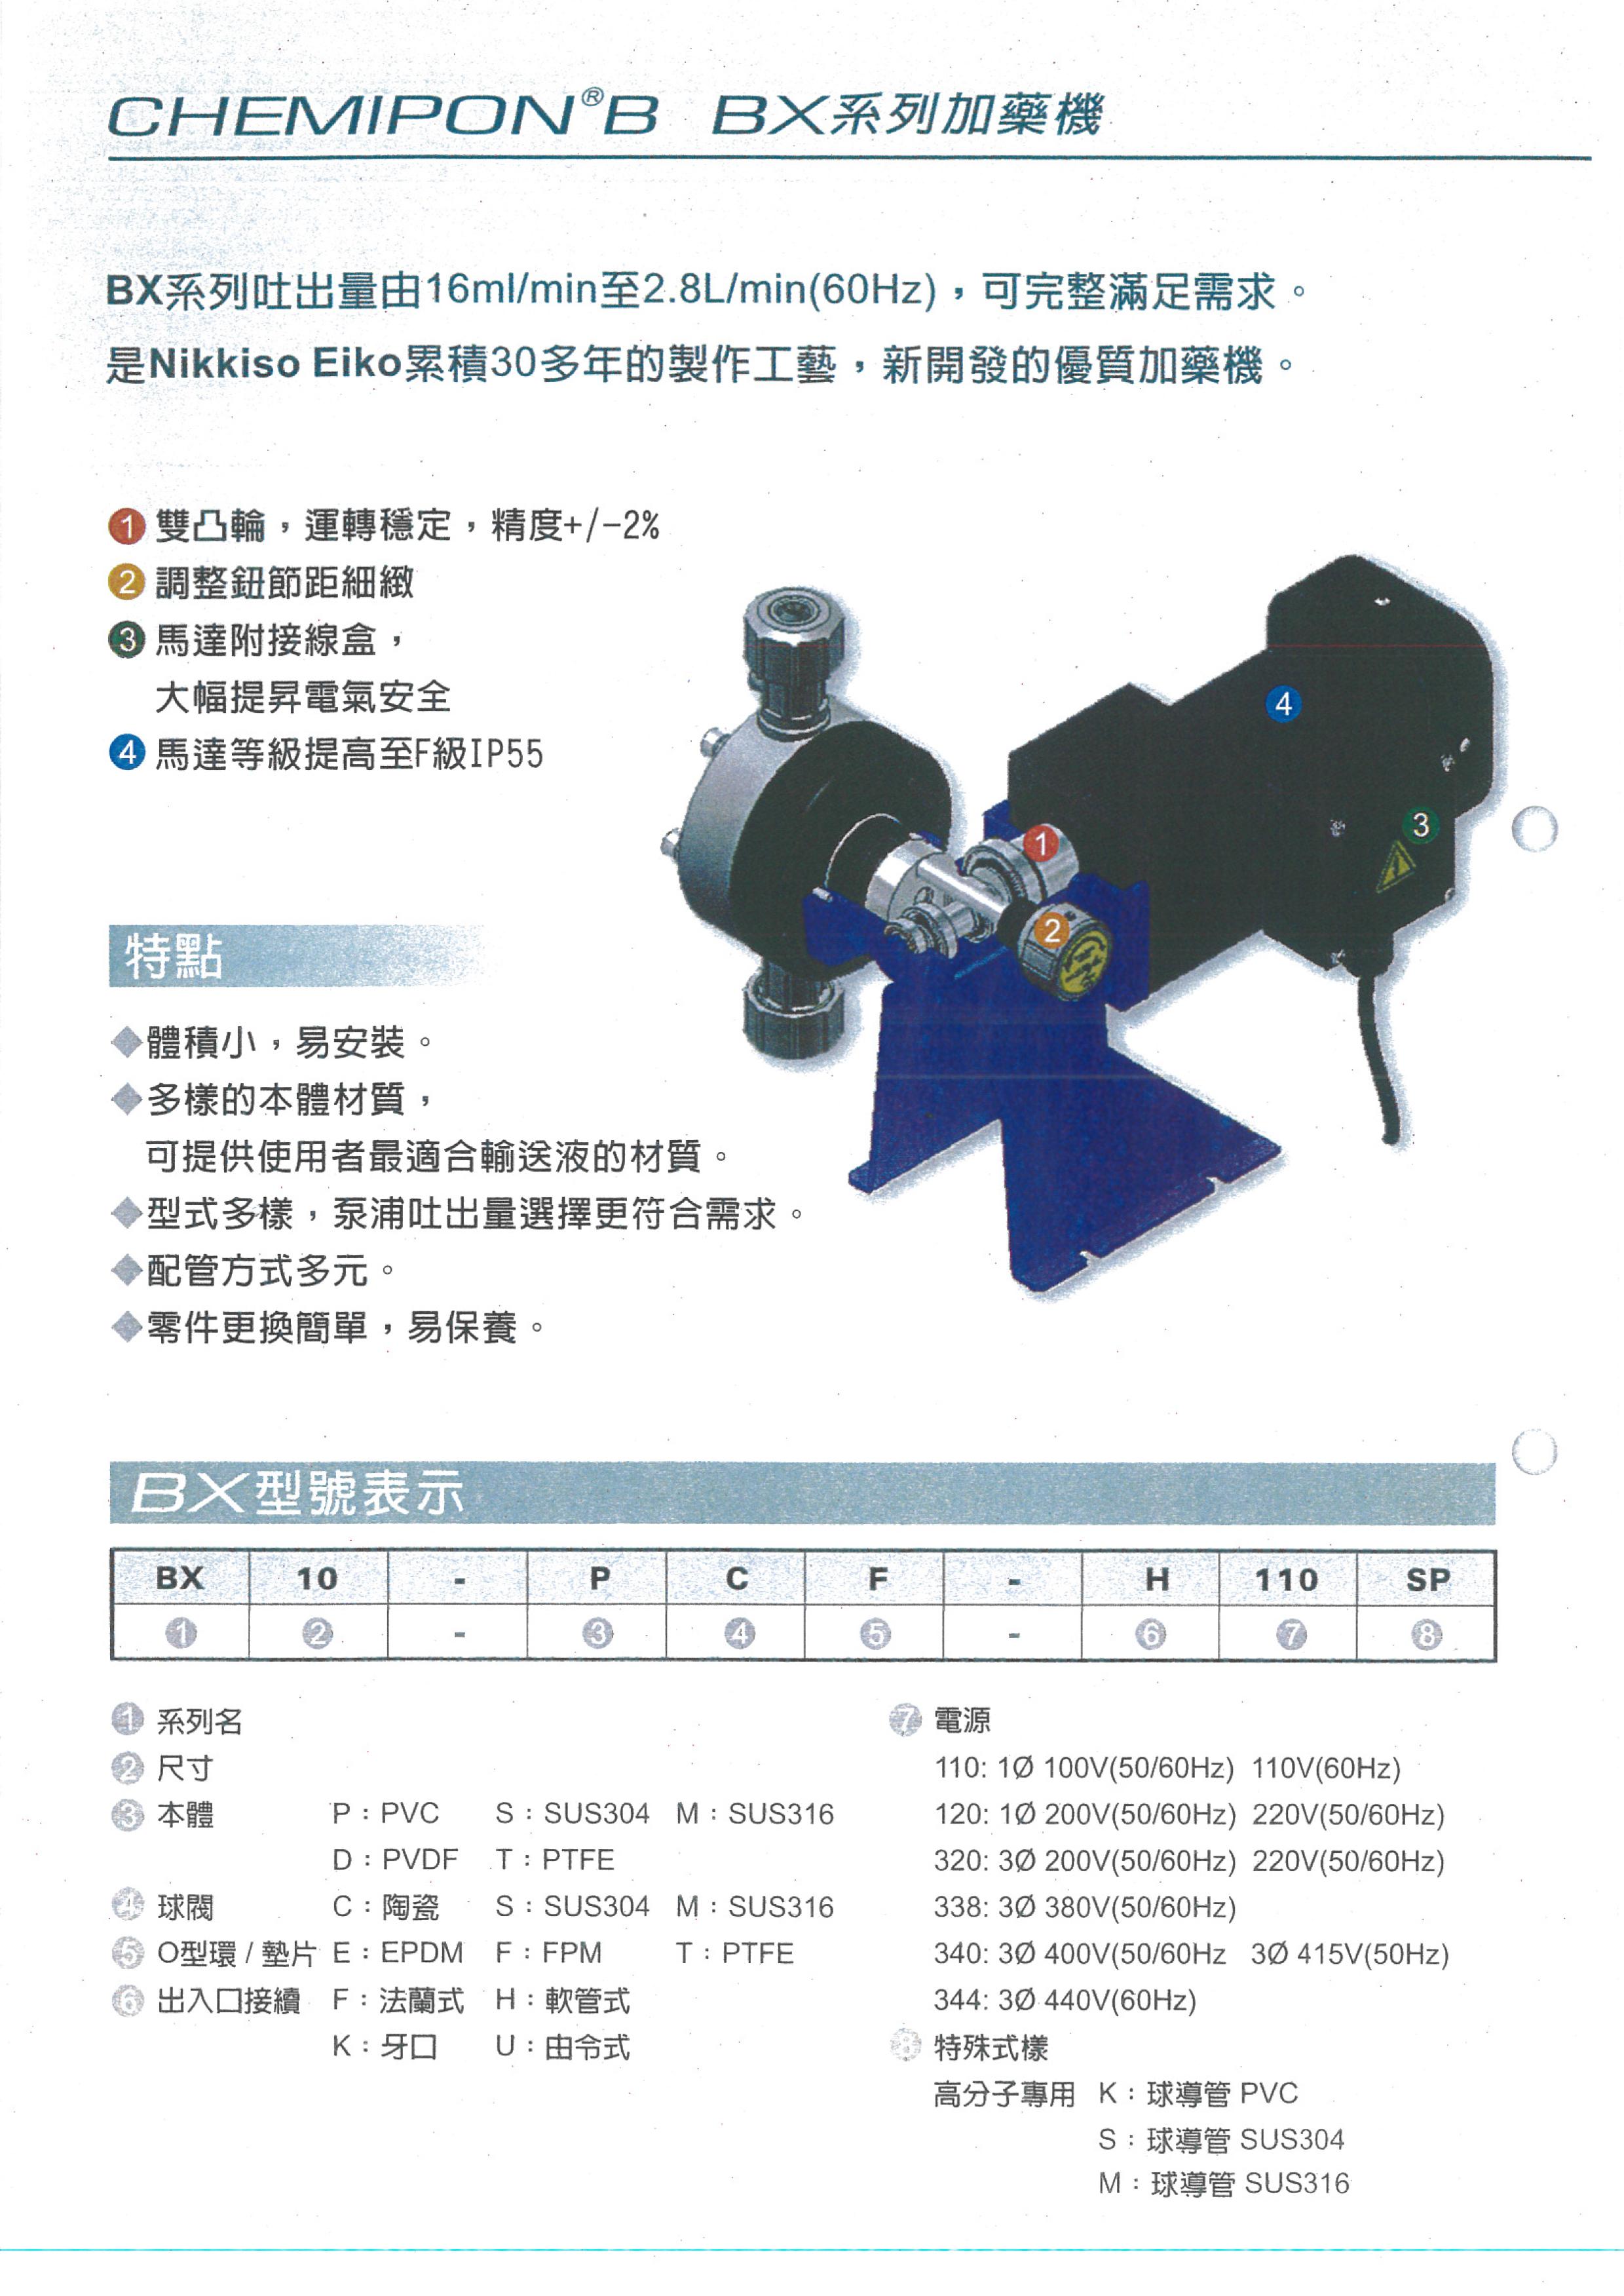 BX加藥機型錄-2